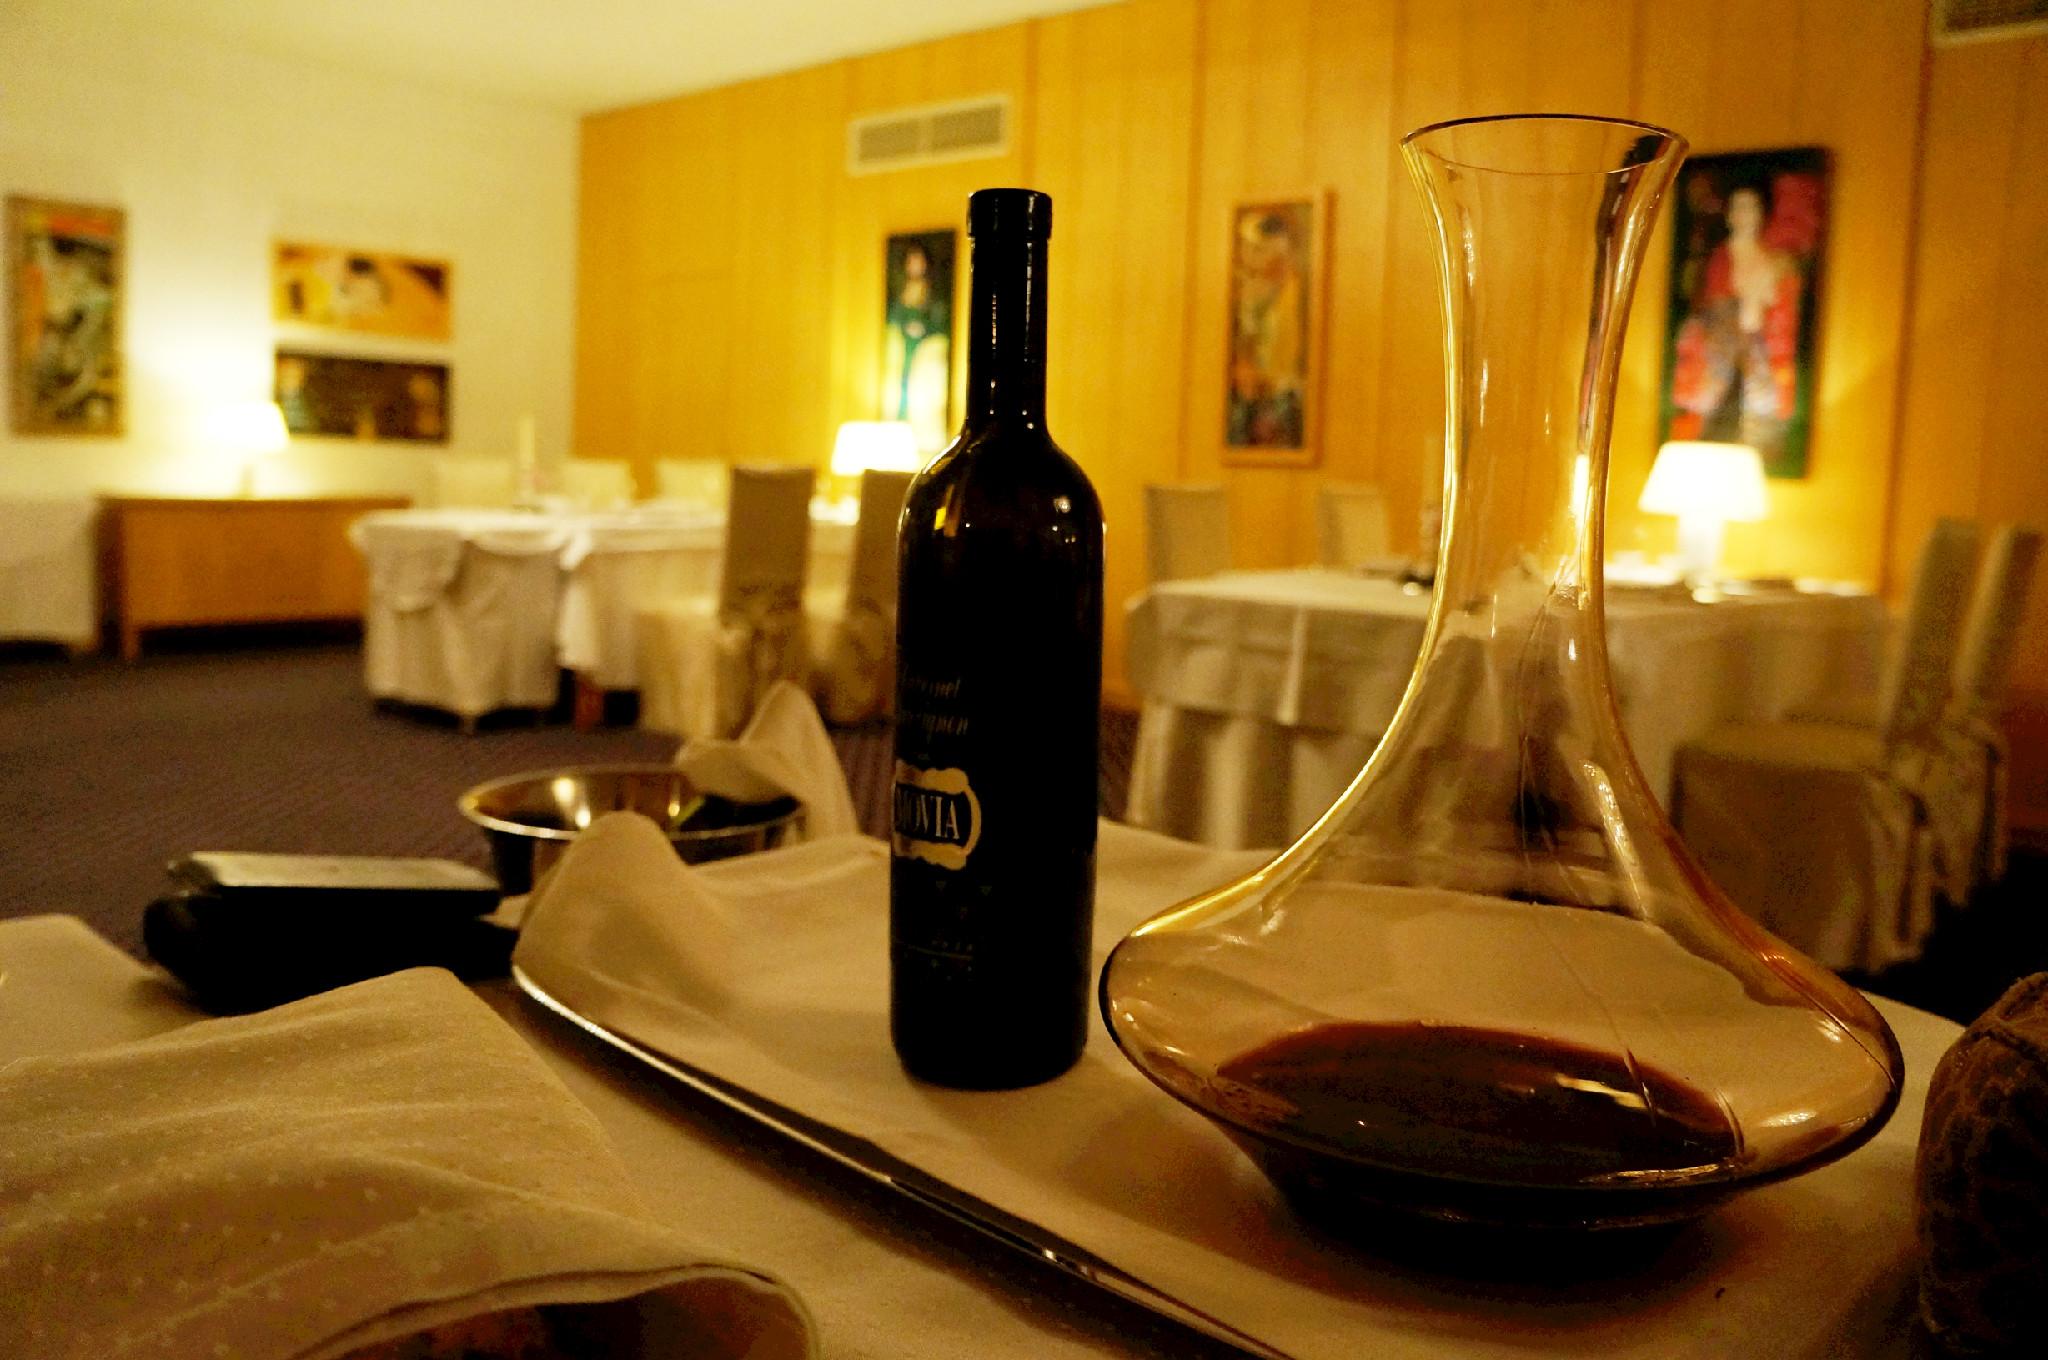 cabernet sauvignon (2006), Movia